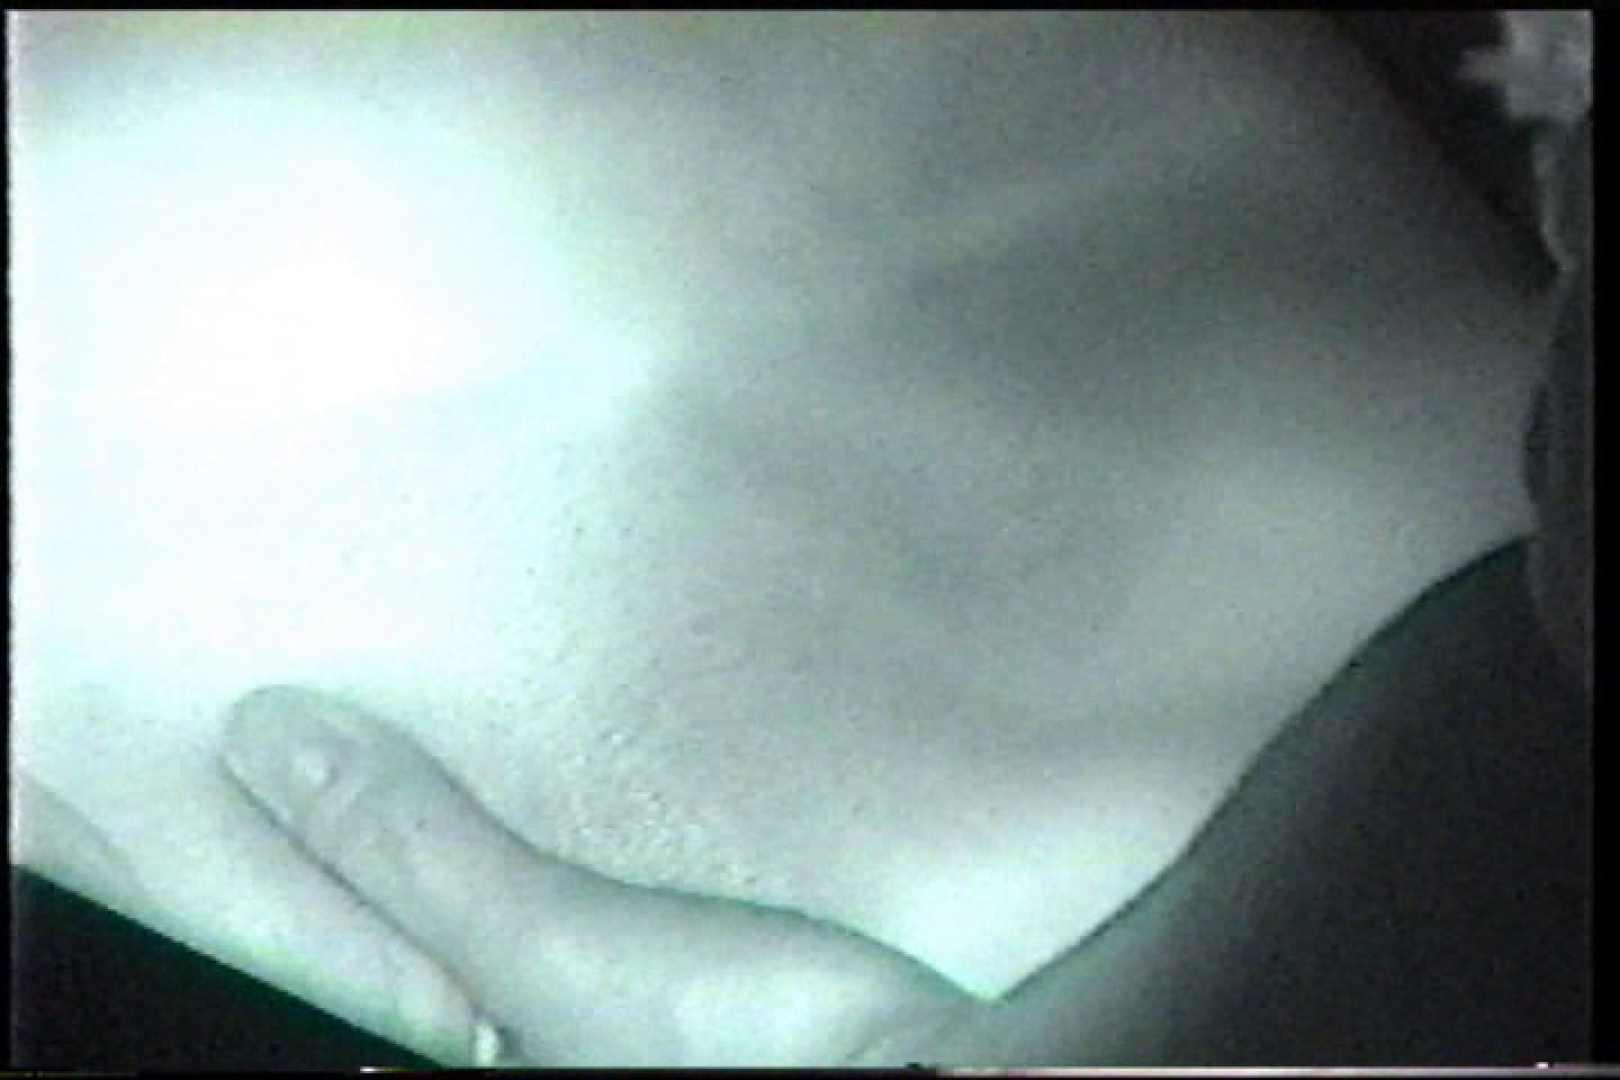 充血監督の深夜の運動会Vol.214 後編. レズ特集 ヌード画像 88pic 35